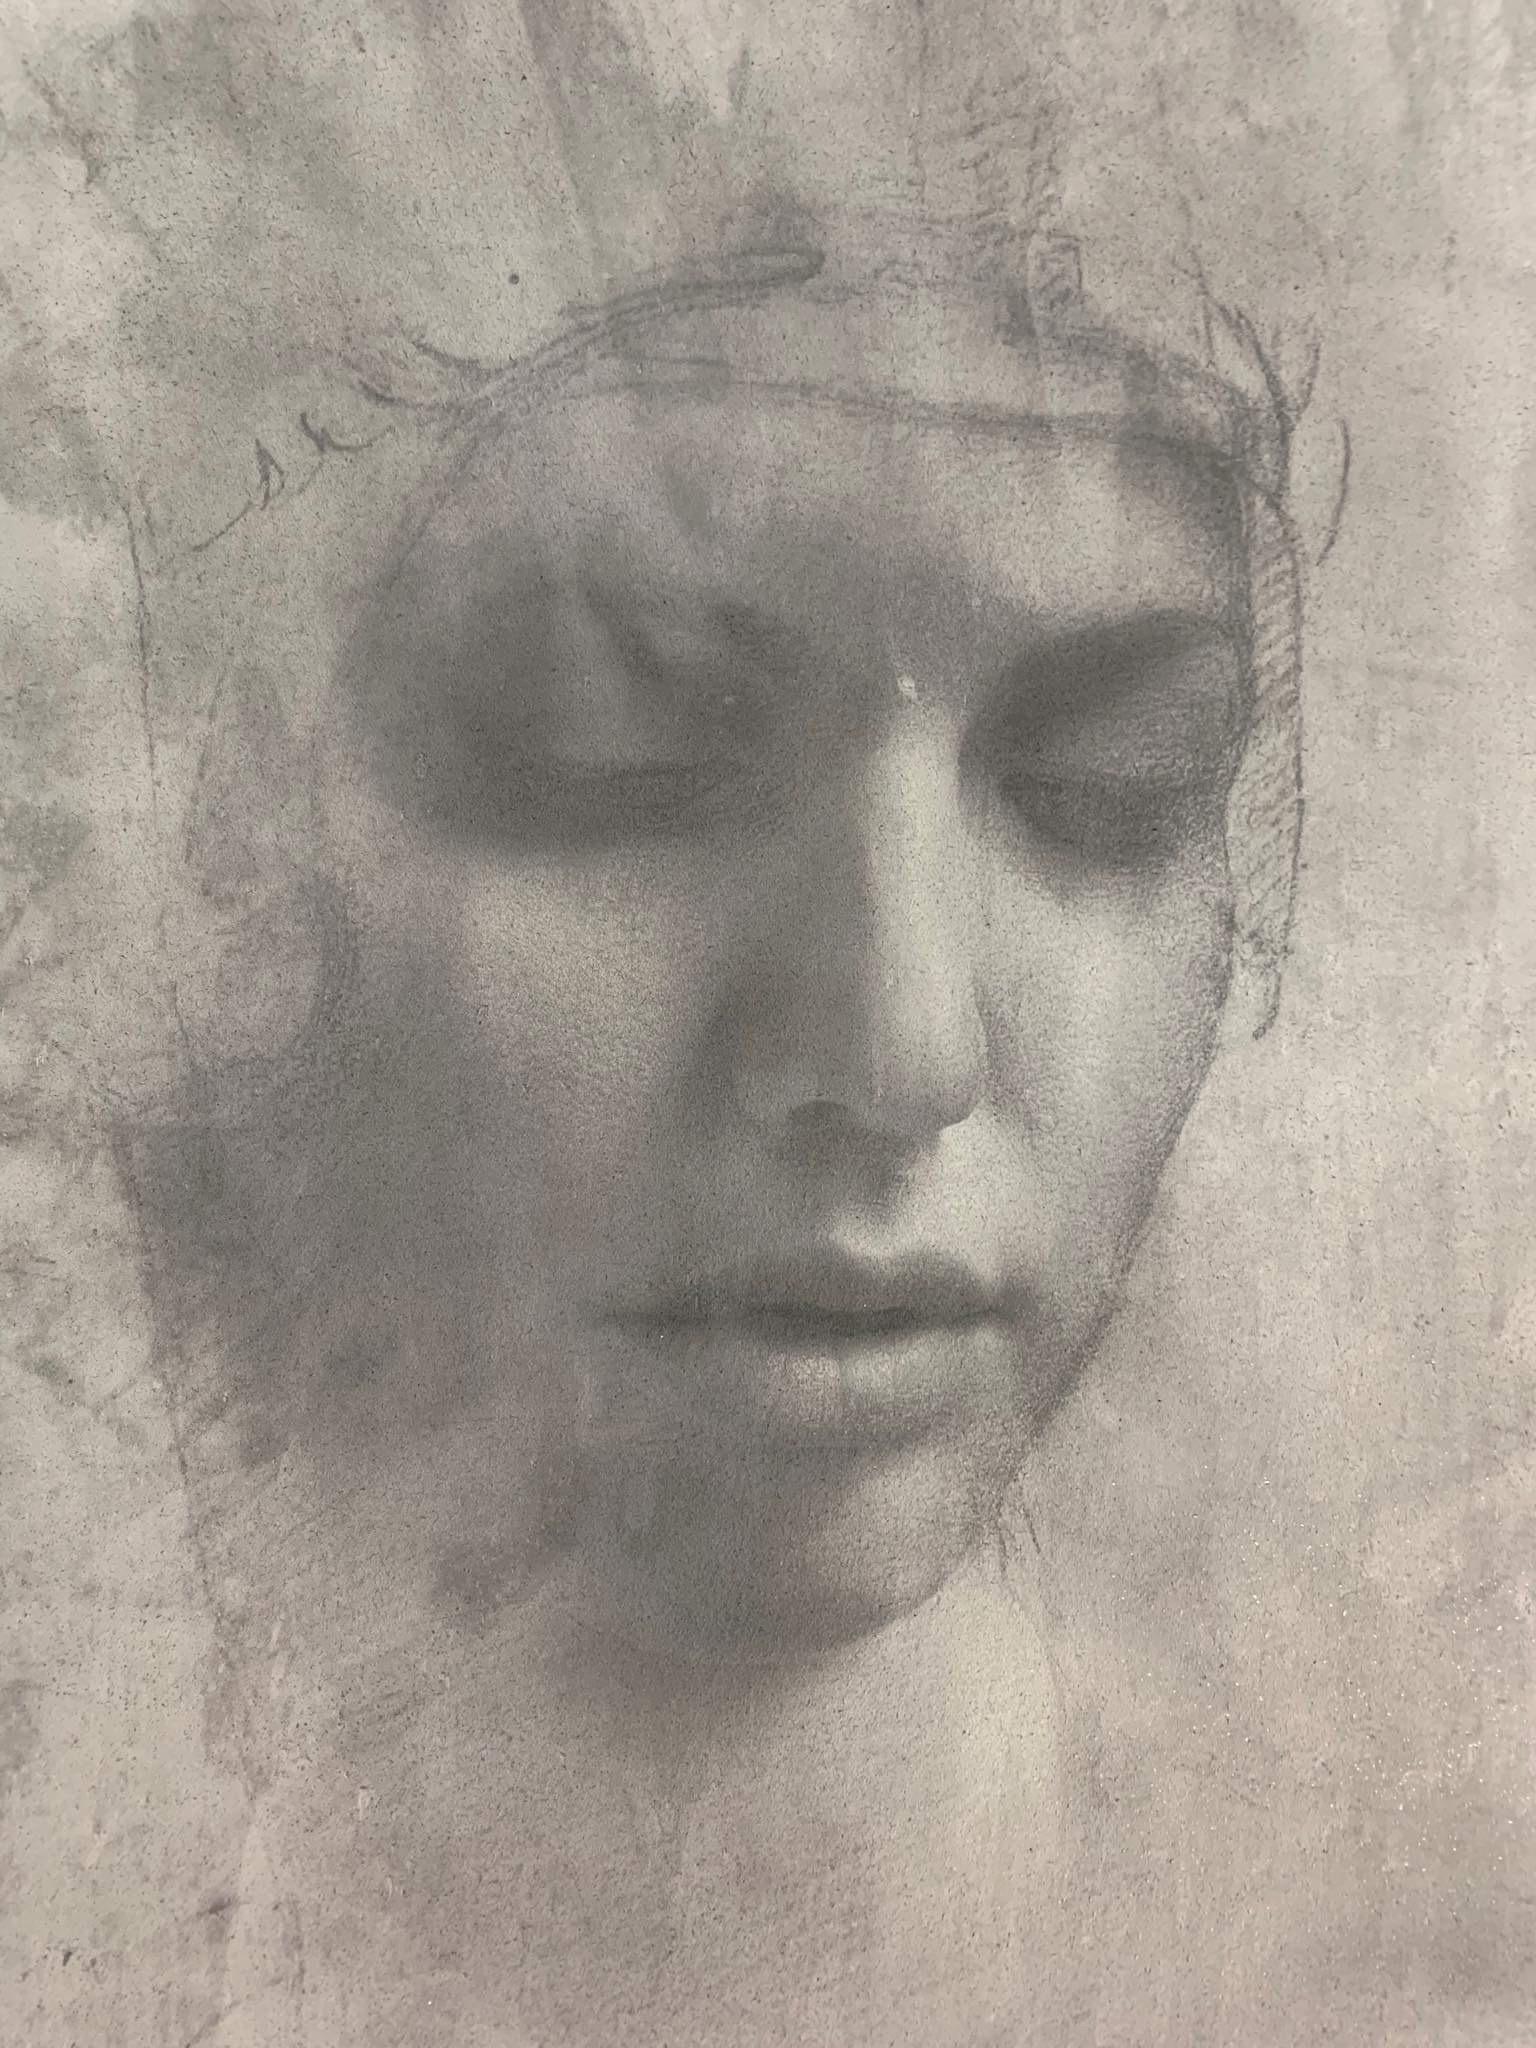 Volto di donna opera di Francesco Ferla, su Conclad cemento non cemento stampa Labservicephoto